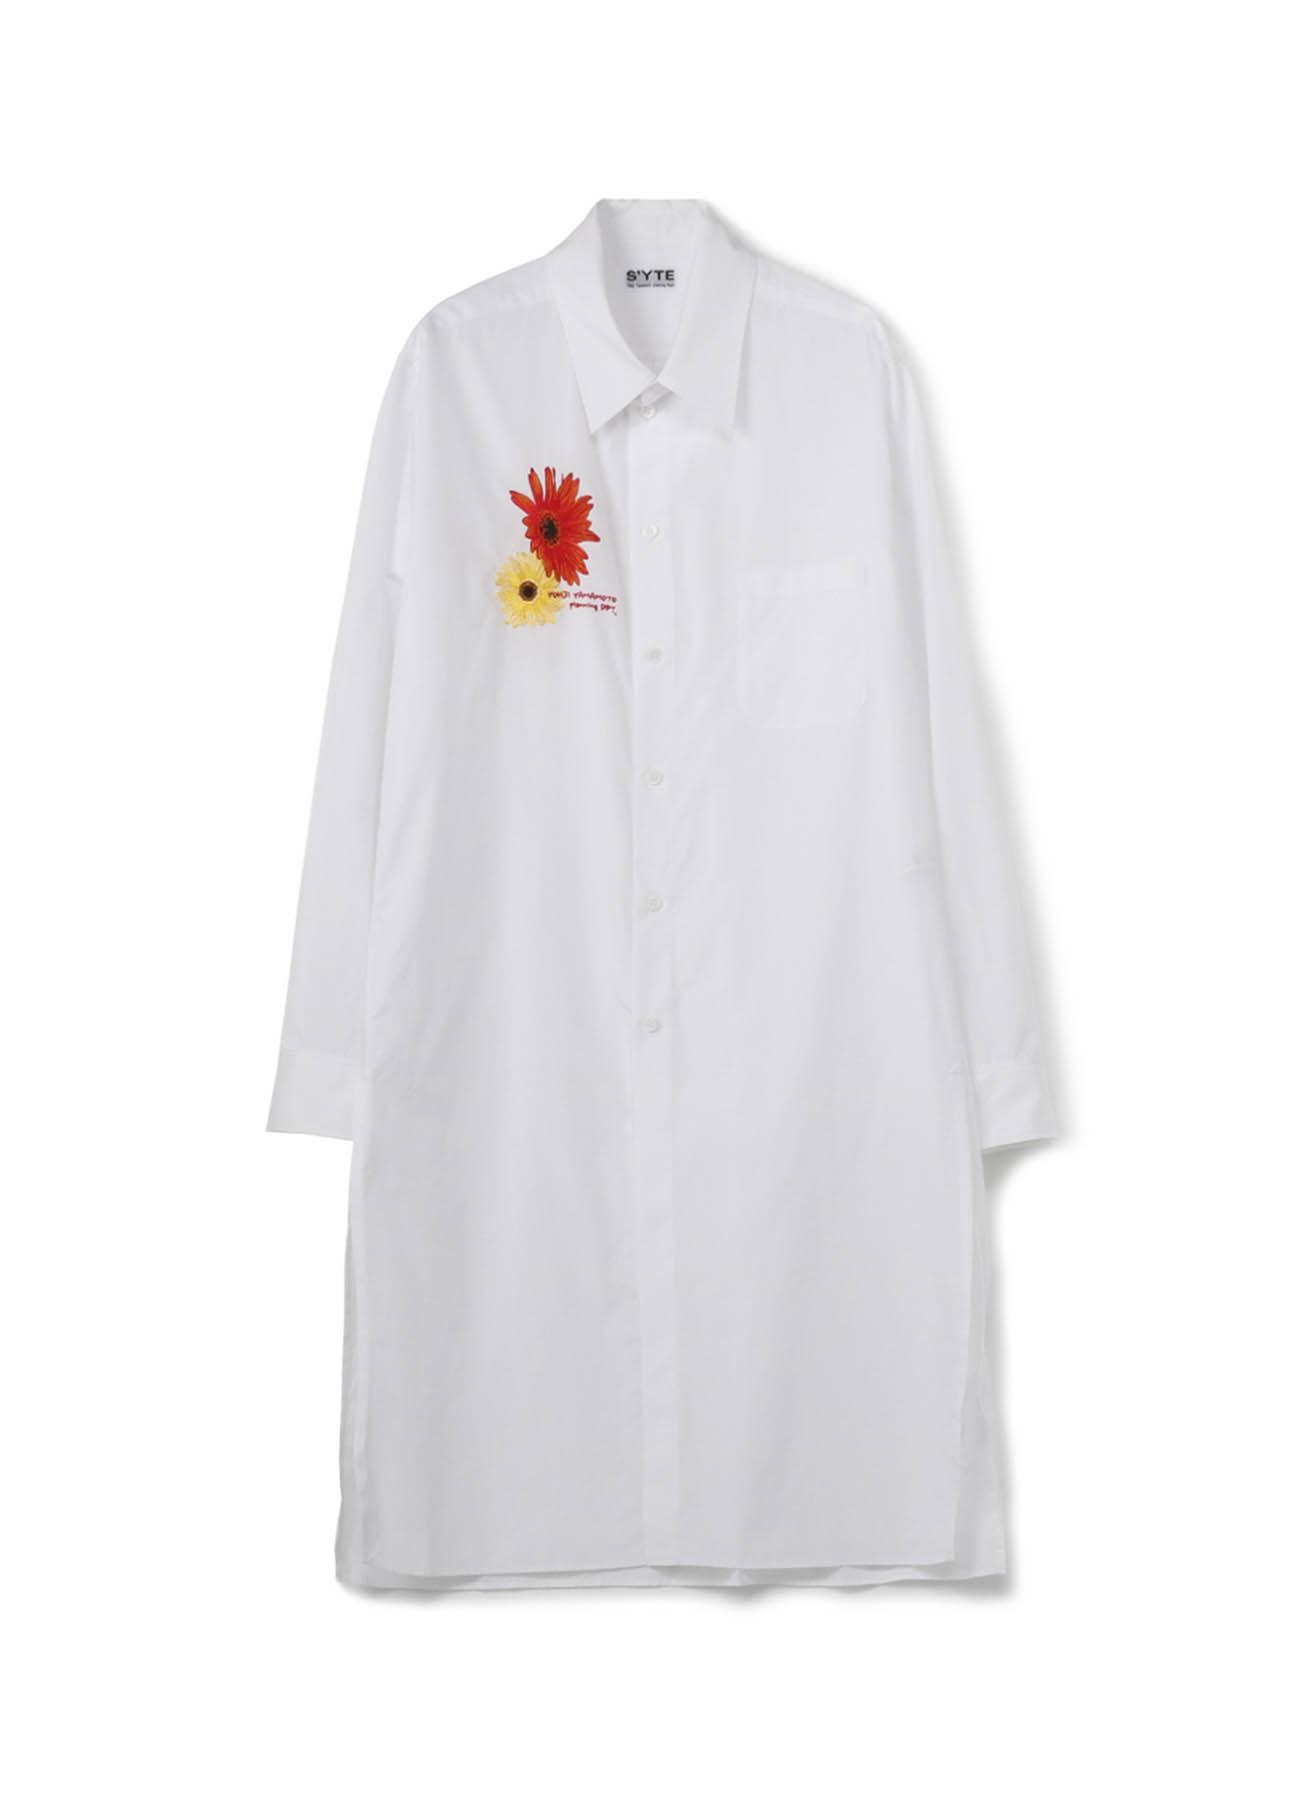 100/2 Broad Sunflower Gerbera Flower Embroidery Regular Collar Long Shirt